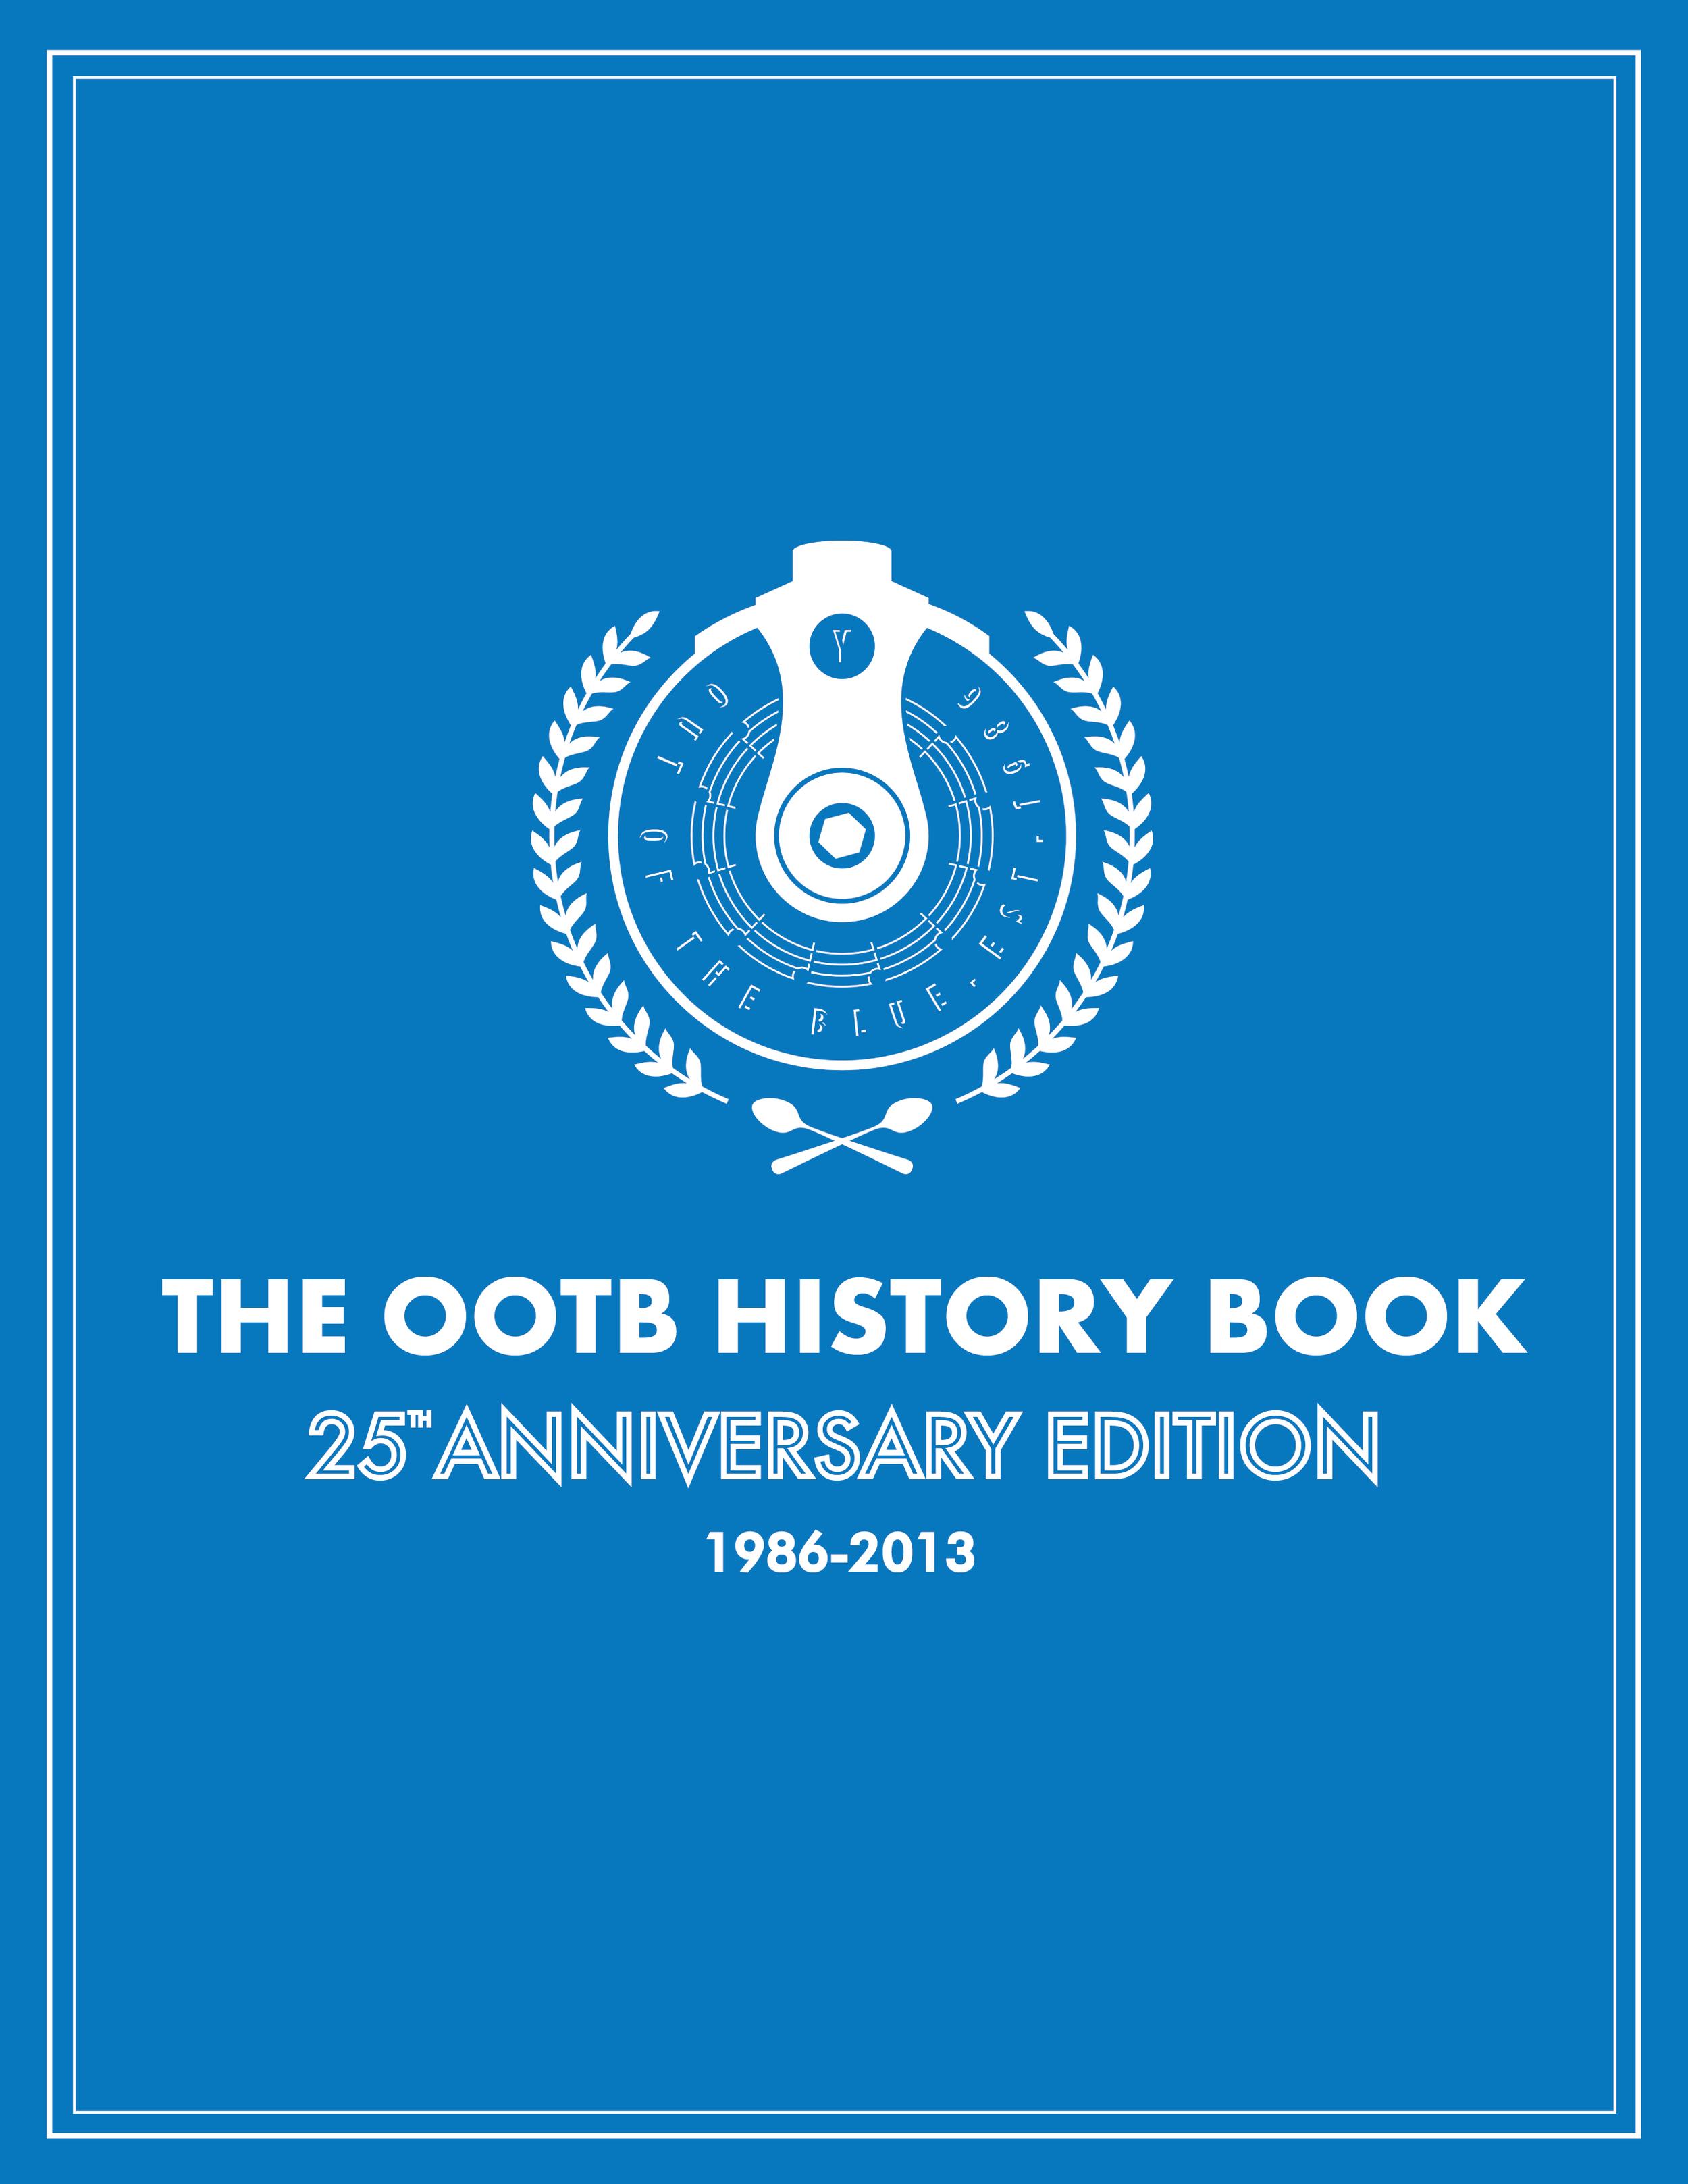 25th_HistoryBook_Final-01.png